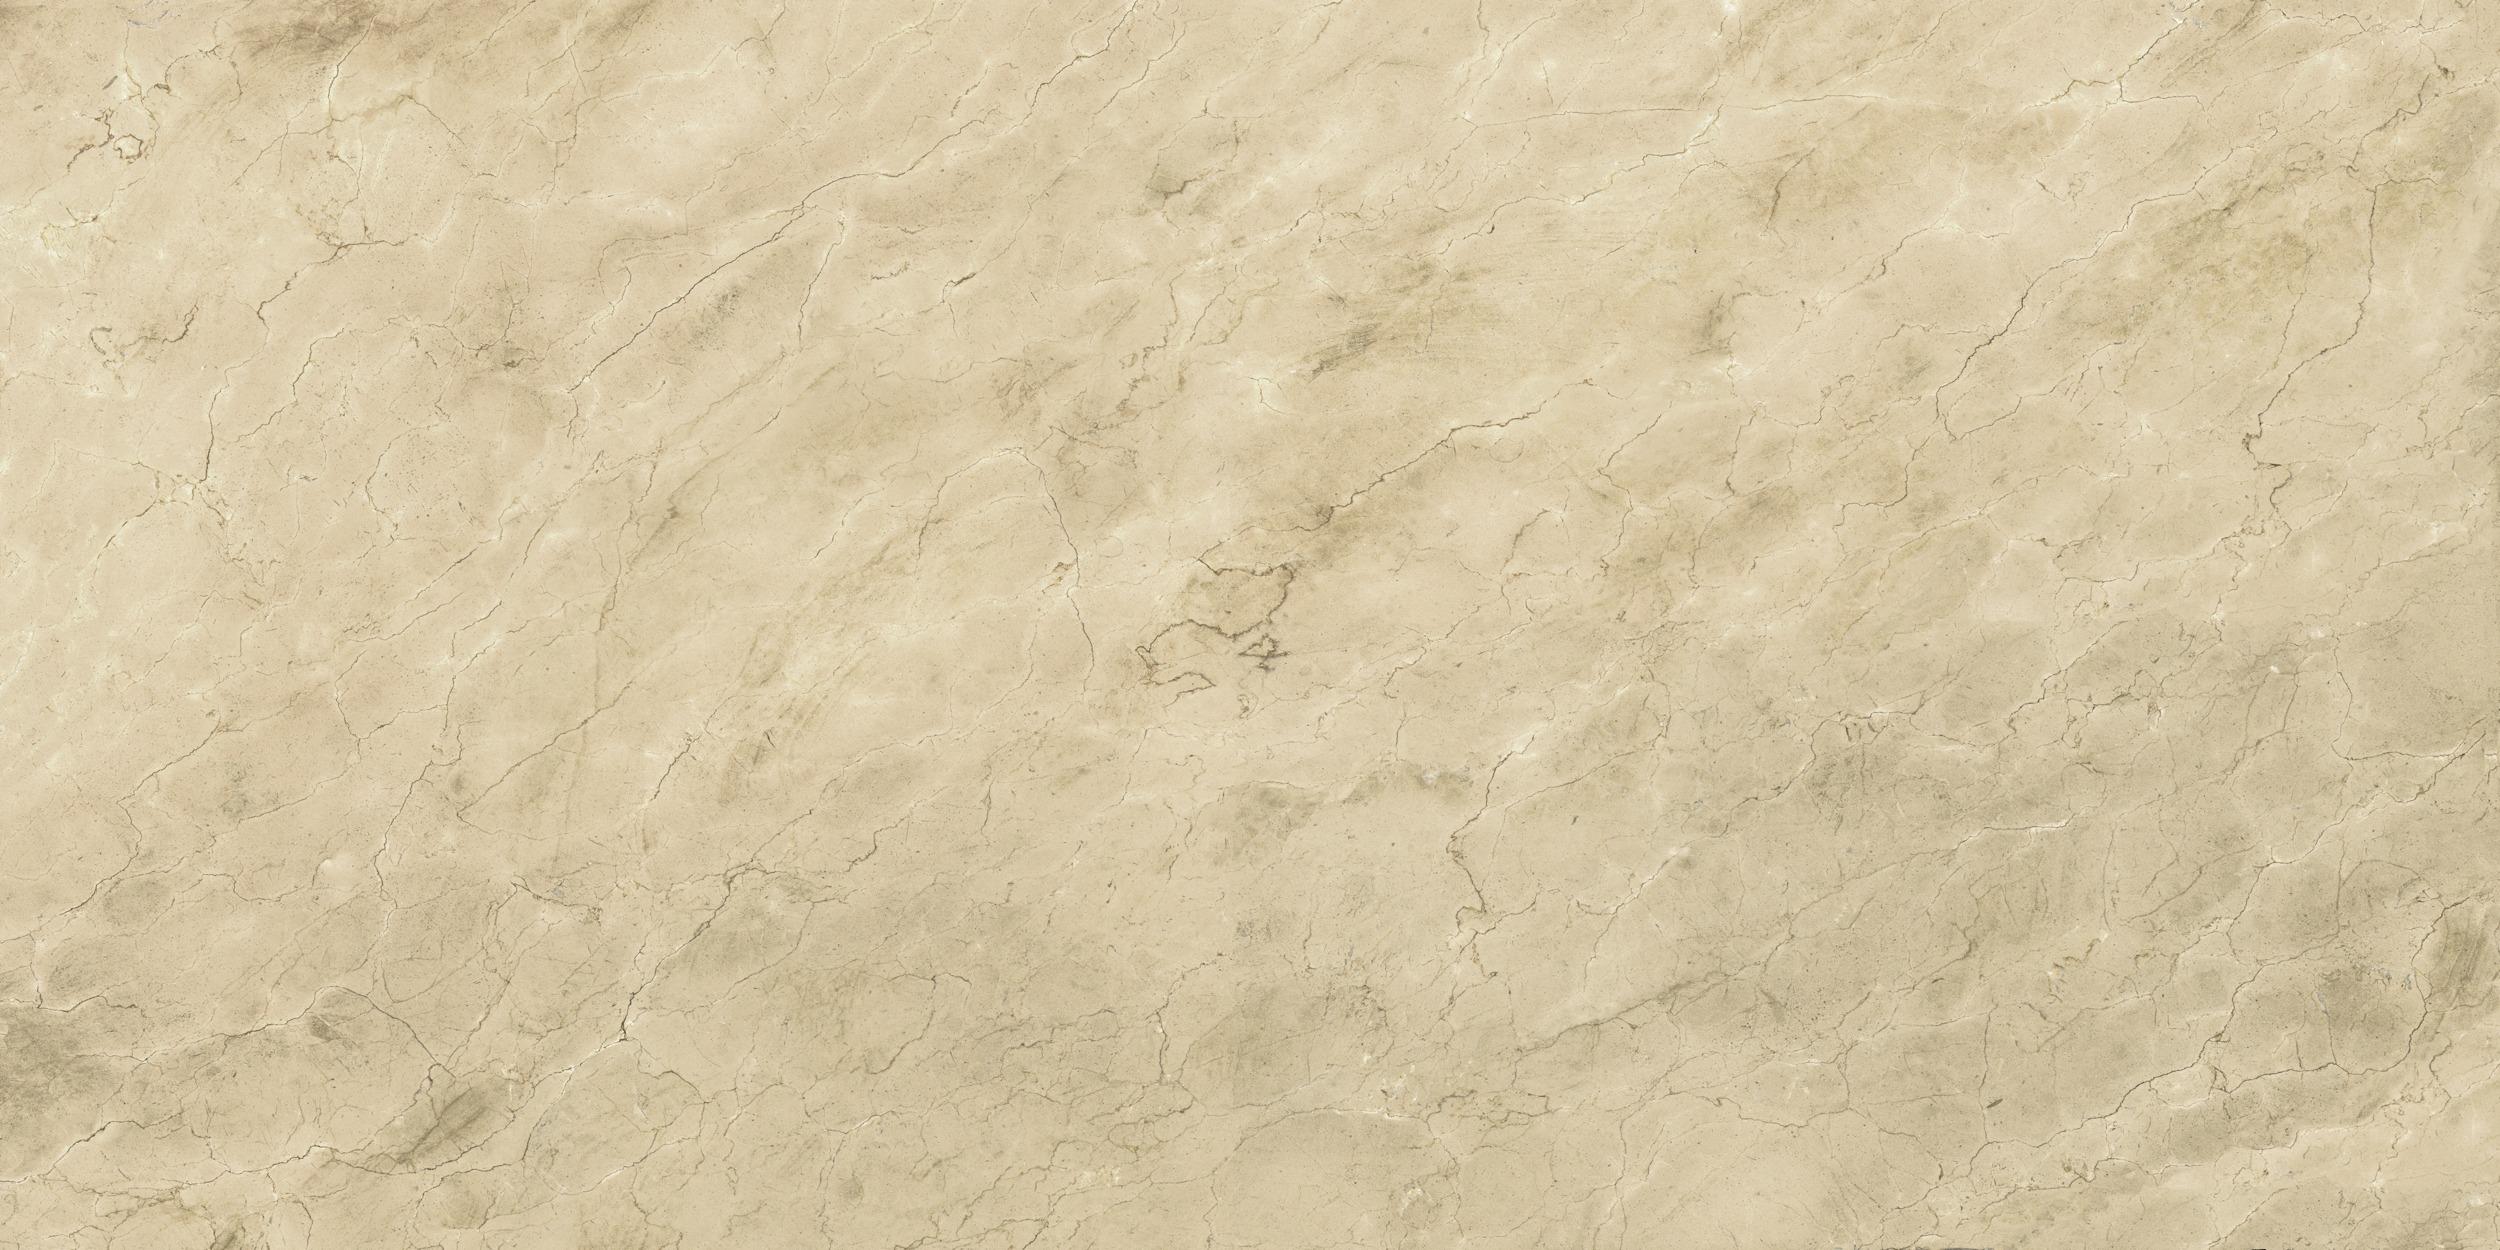 Artedomus Maximum Royal Marfil